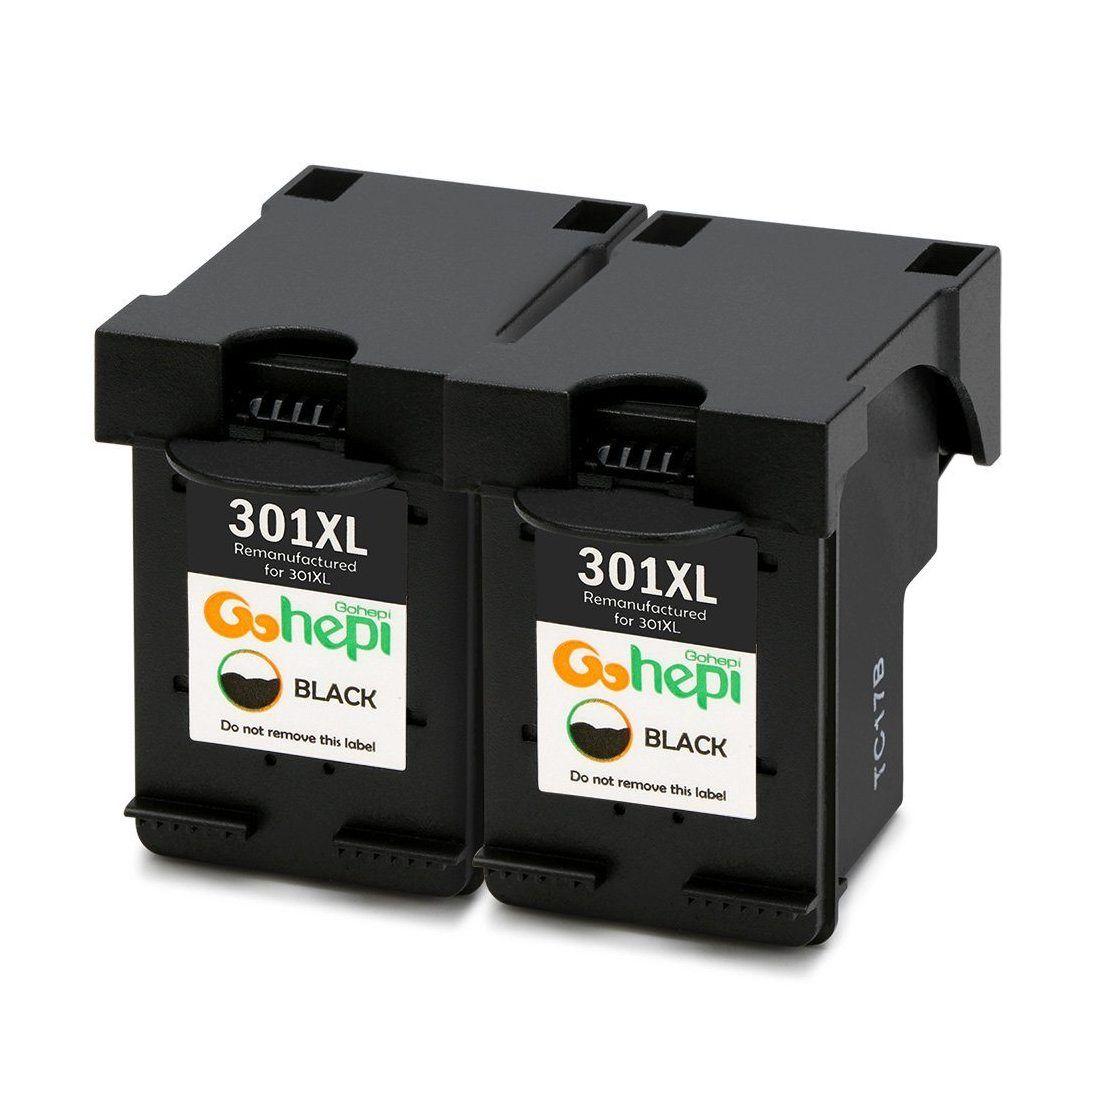 Gohepi 301XL Compatible pour Cartouches HP 301XL 301, Pack de 2 Noire Travailler avec HP Deskjet 2544 1010 2540 3050 1510 251